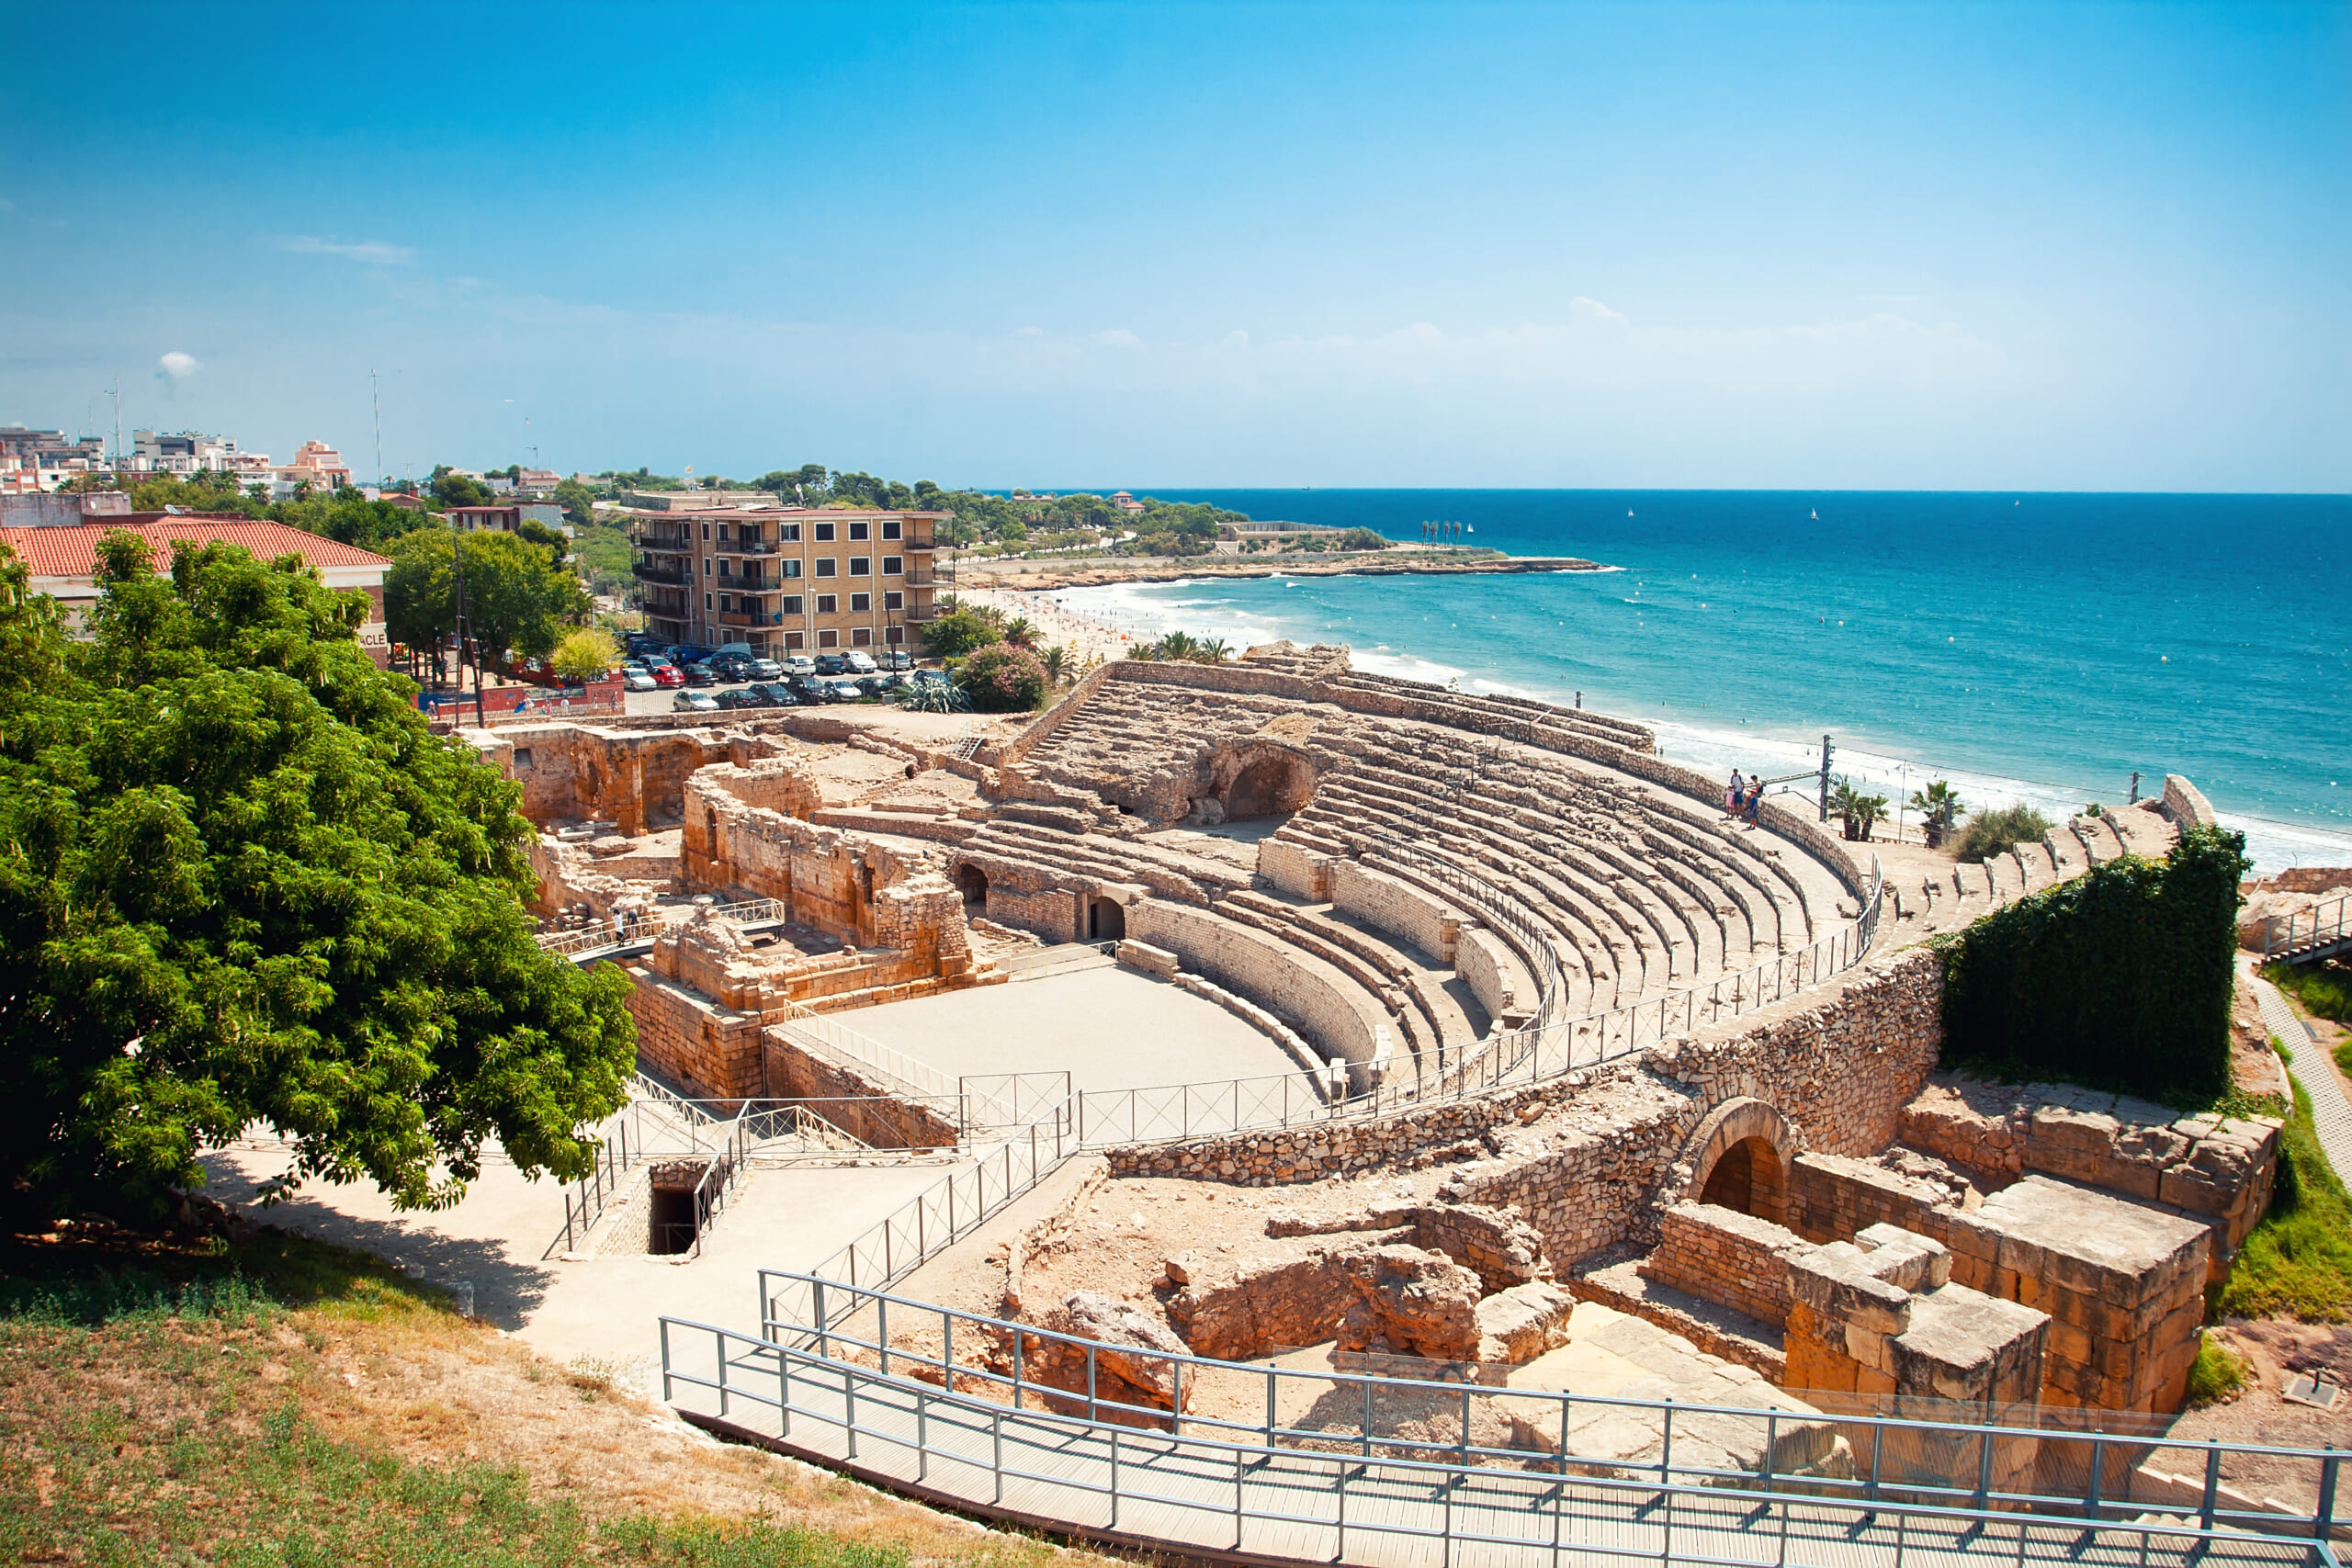 北スペインの観光スポットであるカタルーニャのタラゴナ